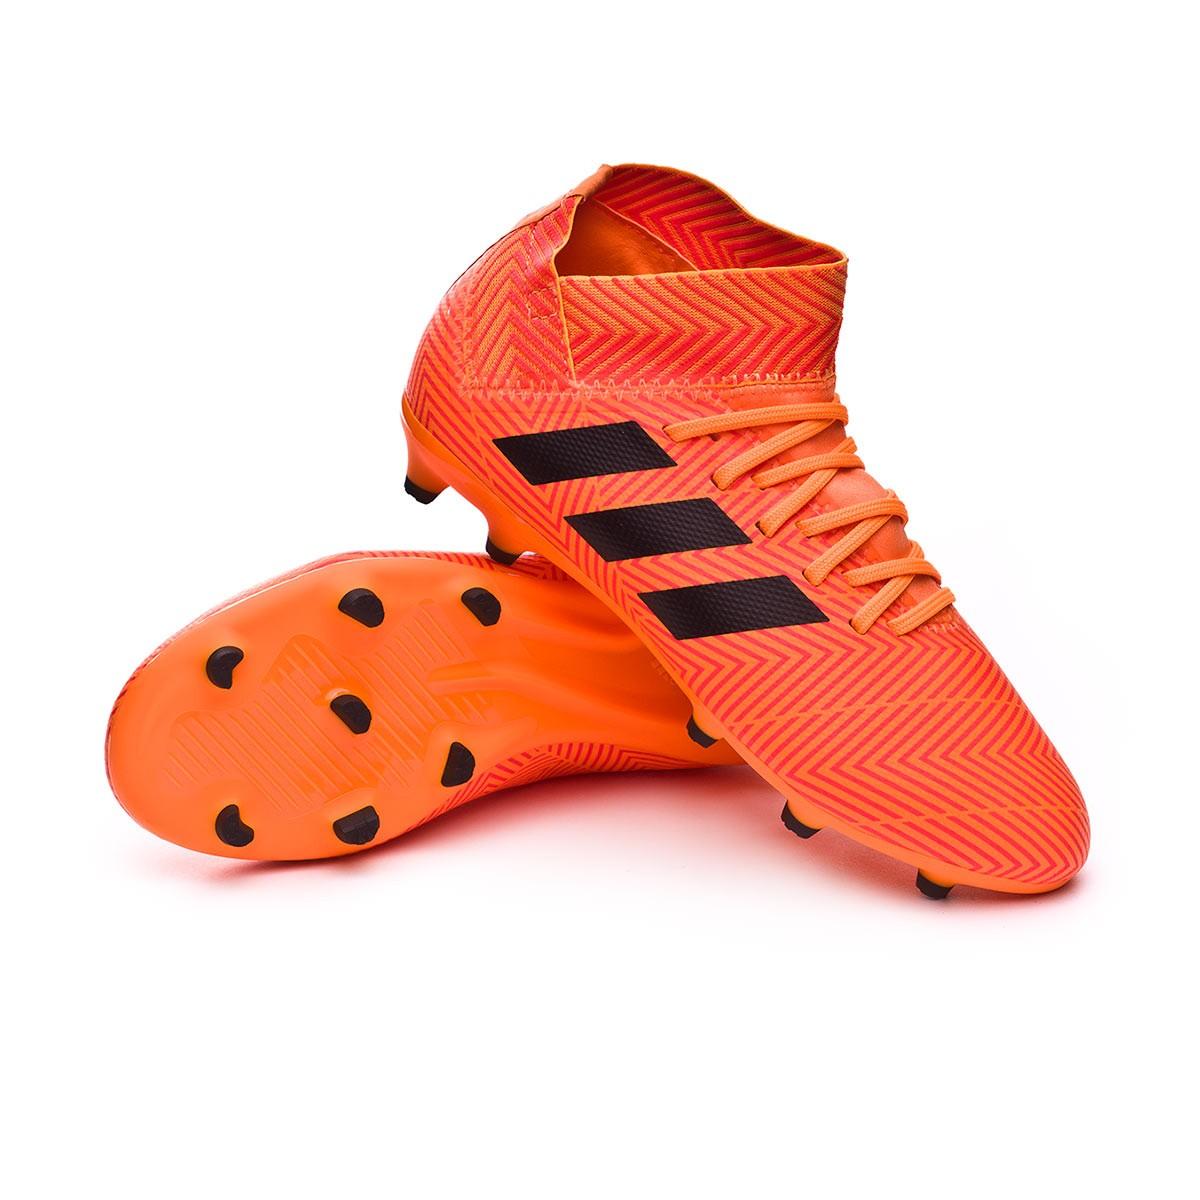 d99d8d13d03a Football Boots adidas Kids Nemeziz 18.3 FG Zest-Black-Solar red ...